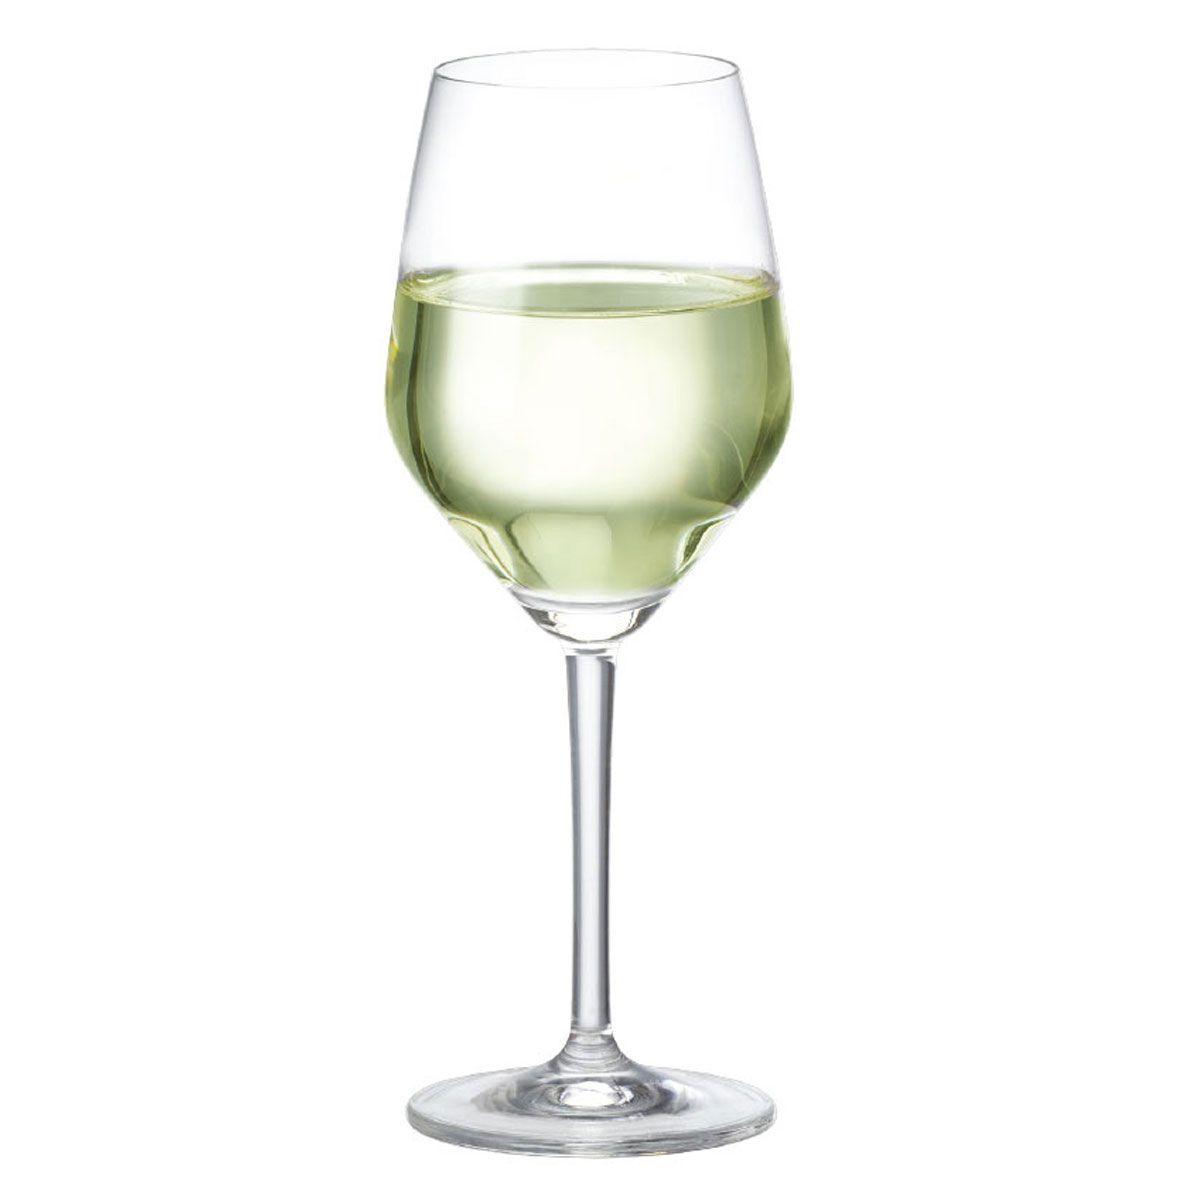 Taça de Vinho Branco Cristal Elegance 375ml